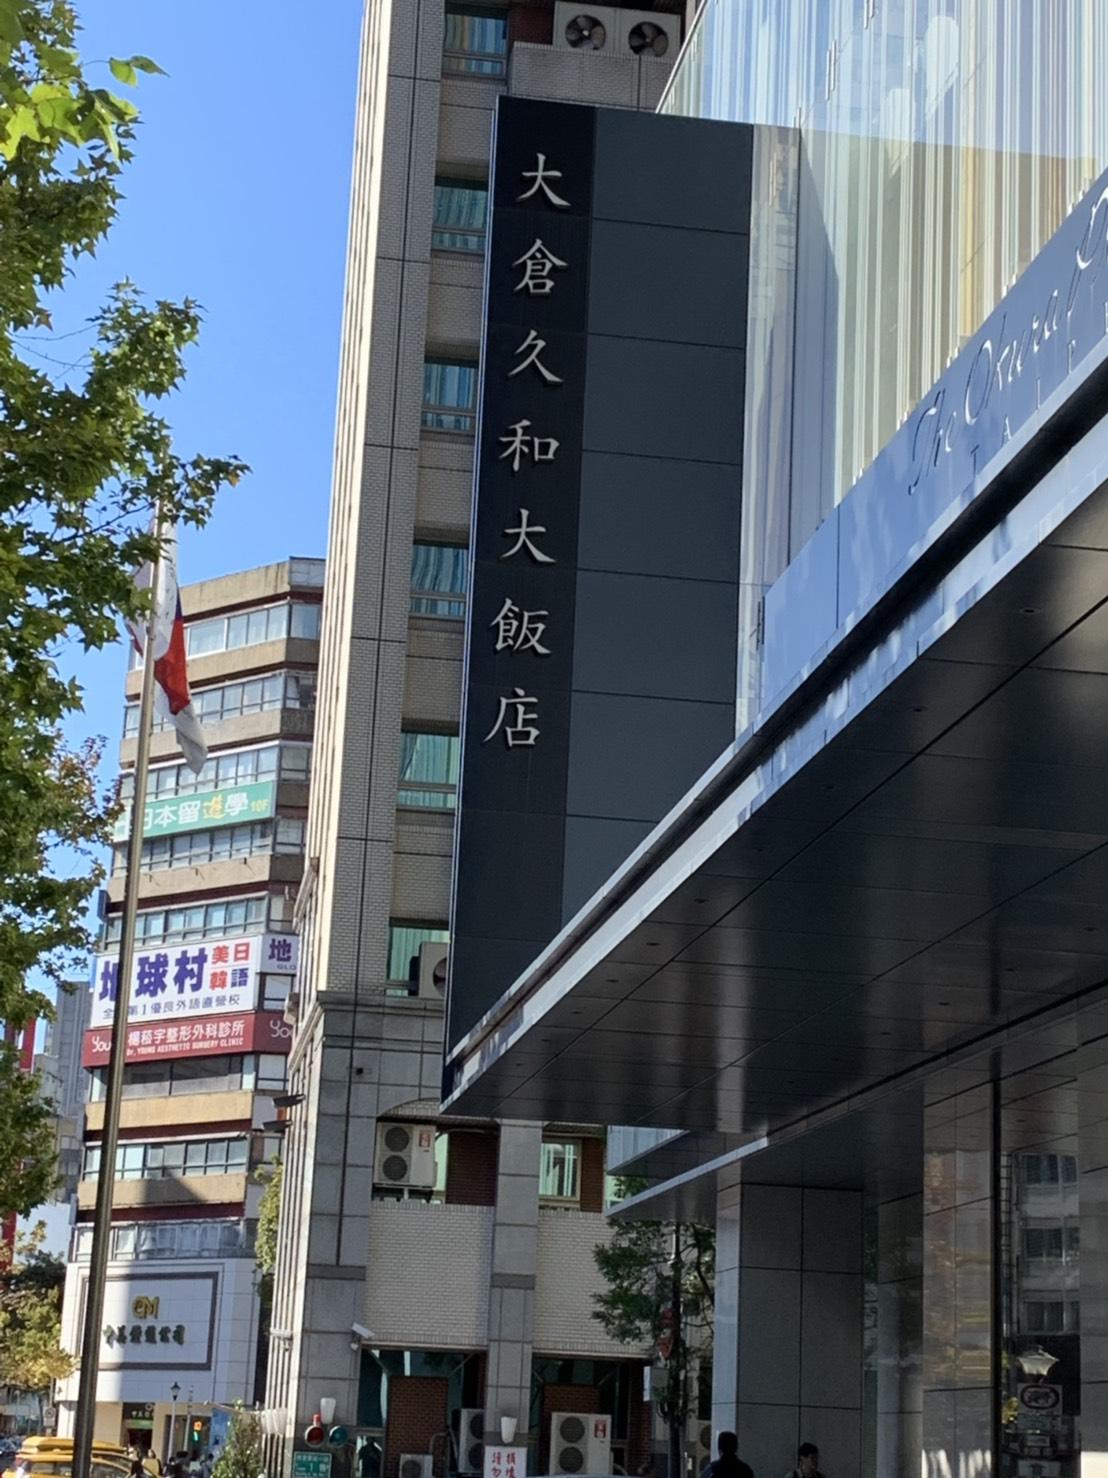 オークラプレステージ台北のヌガー